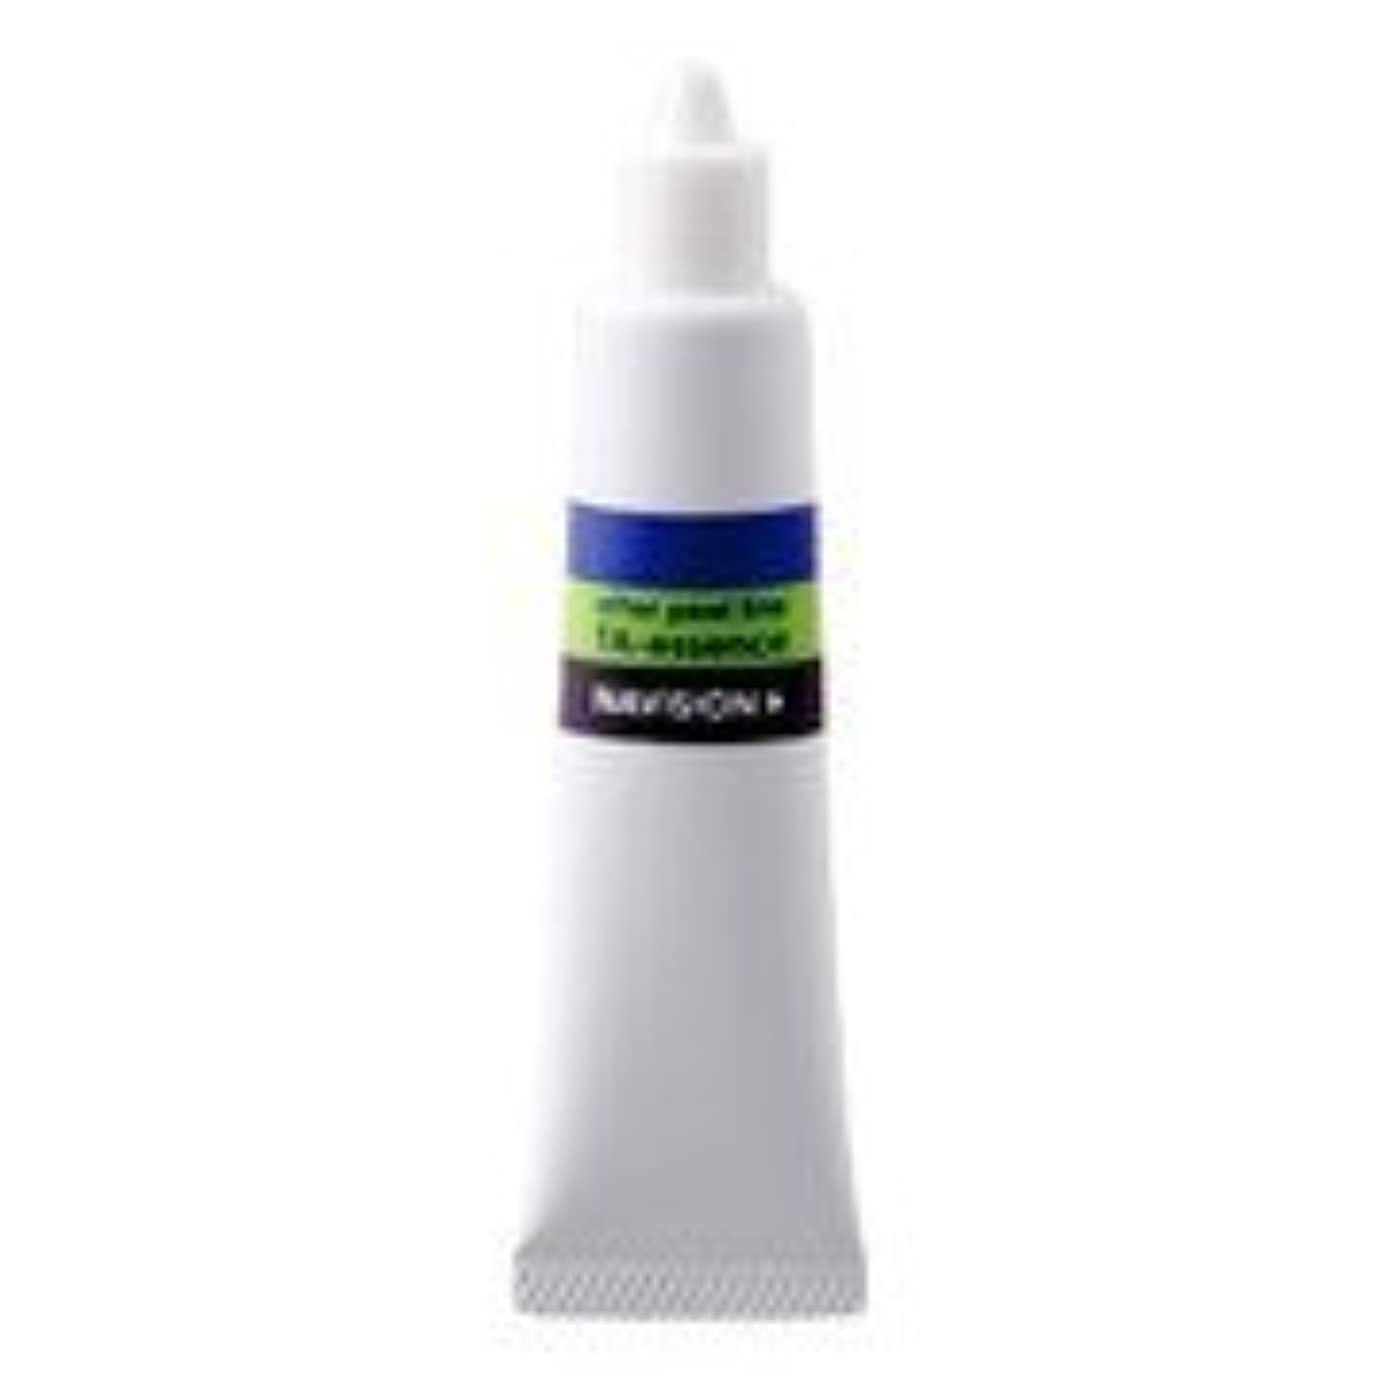 吹雪抑圧する提供されたナビジョン NAVISION TAエッセンス(医薬部外品)